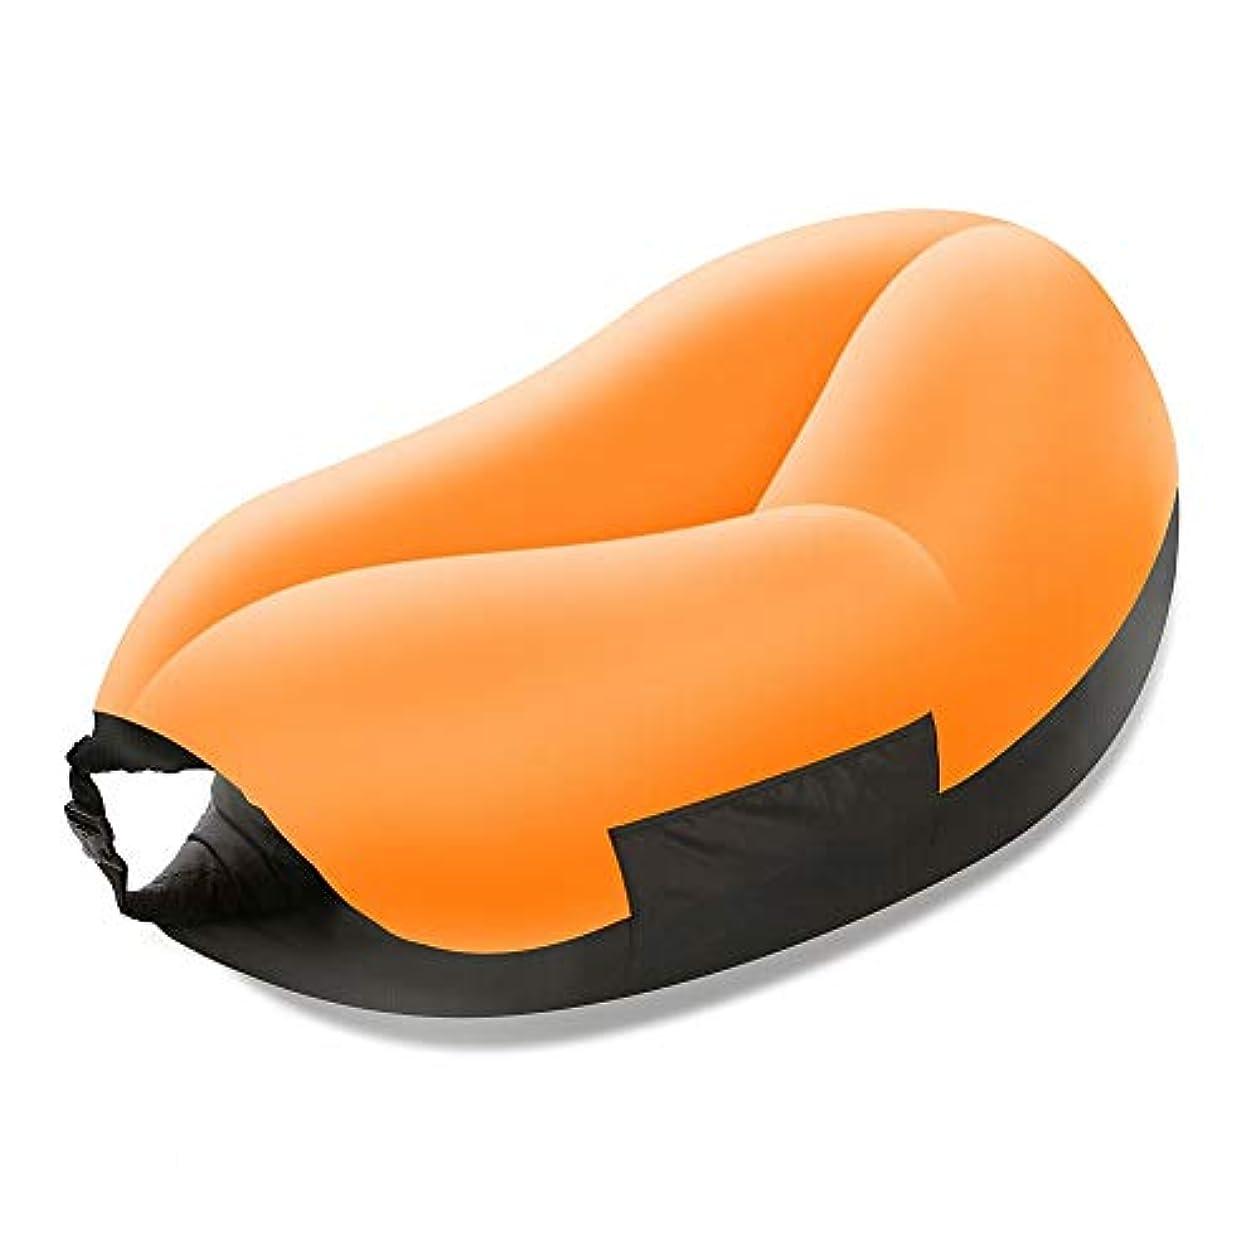 圧縮する低下冗長膨脹可能なソファー、怠惰なソファの屋外の携帯用寝袋の折り畳み式の空気ソファーベッド